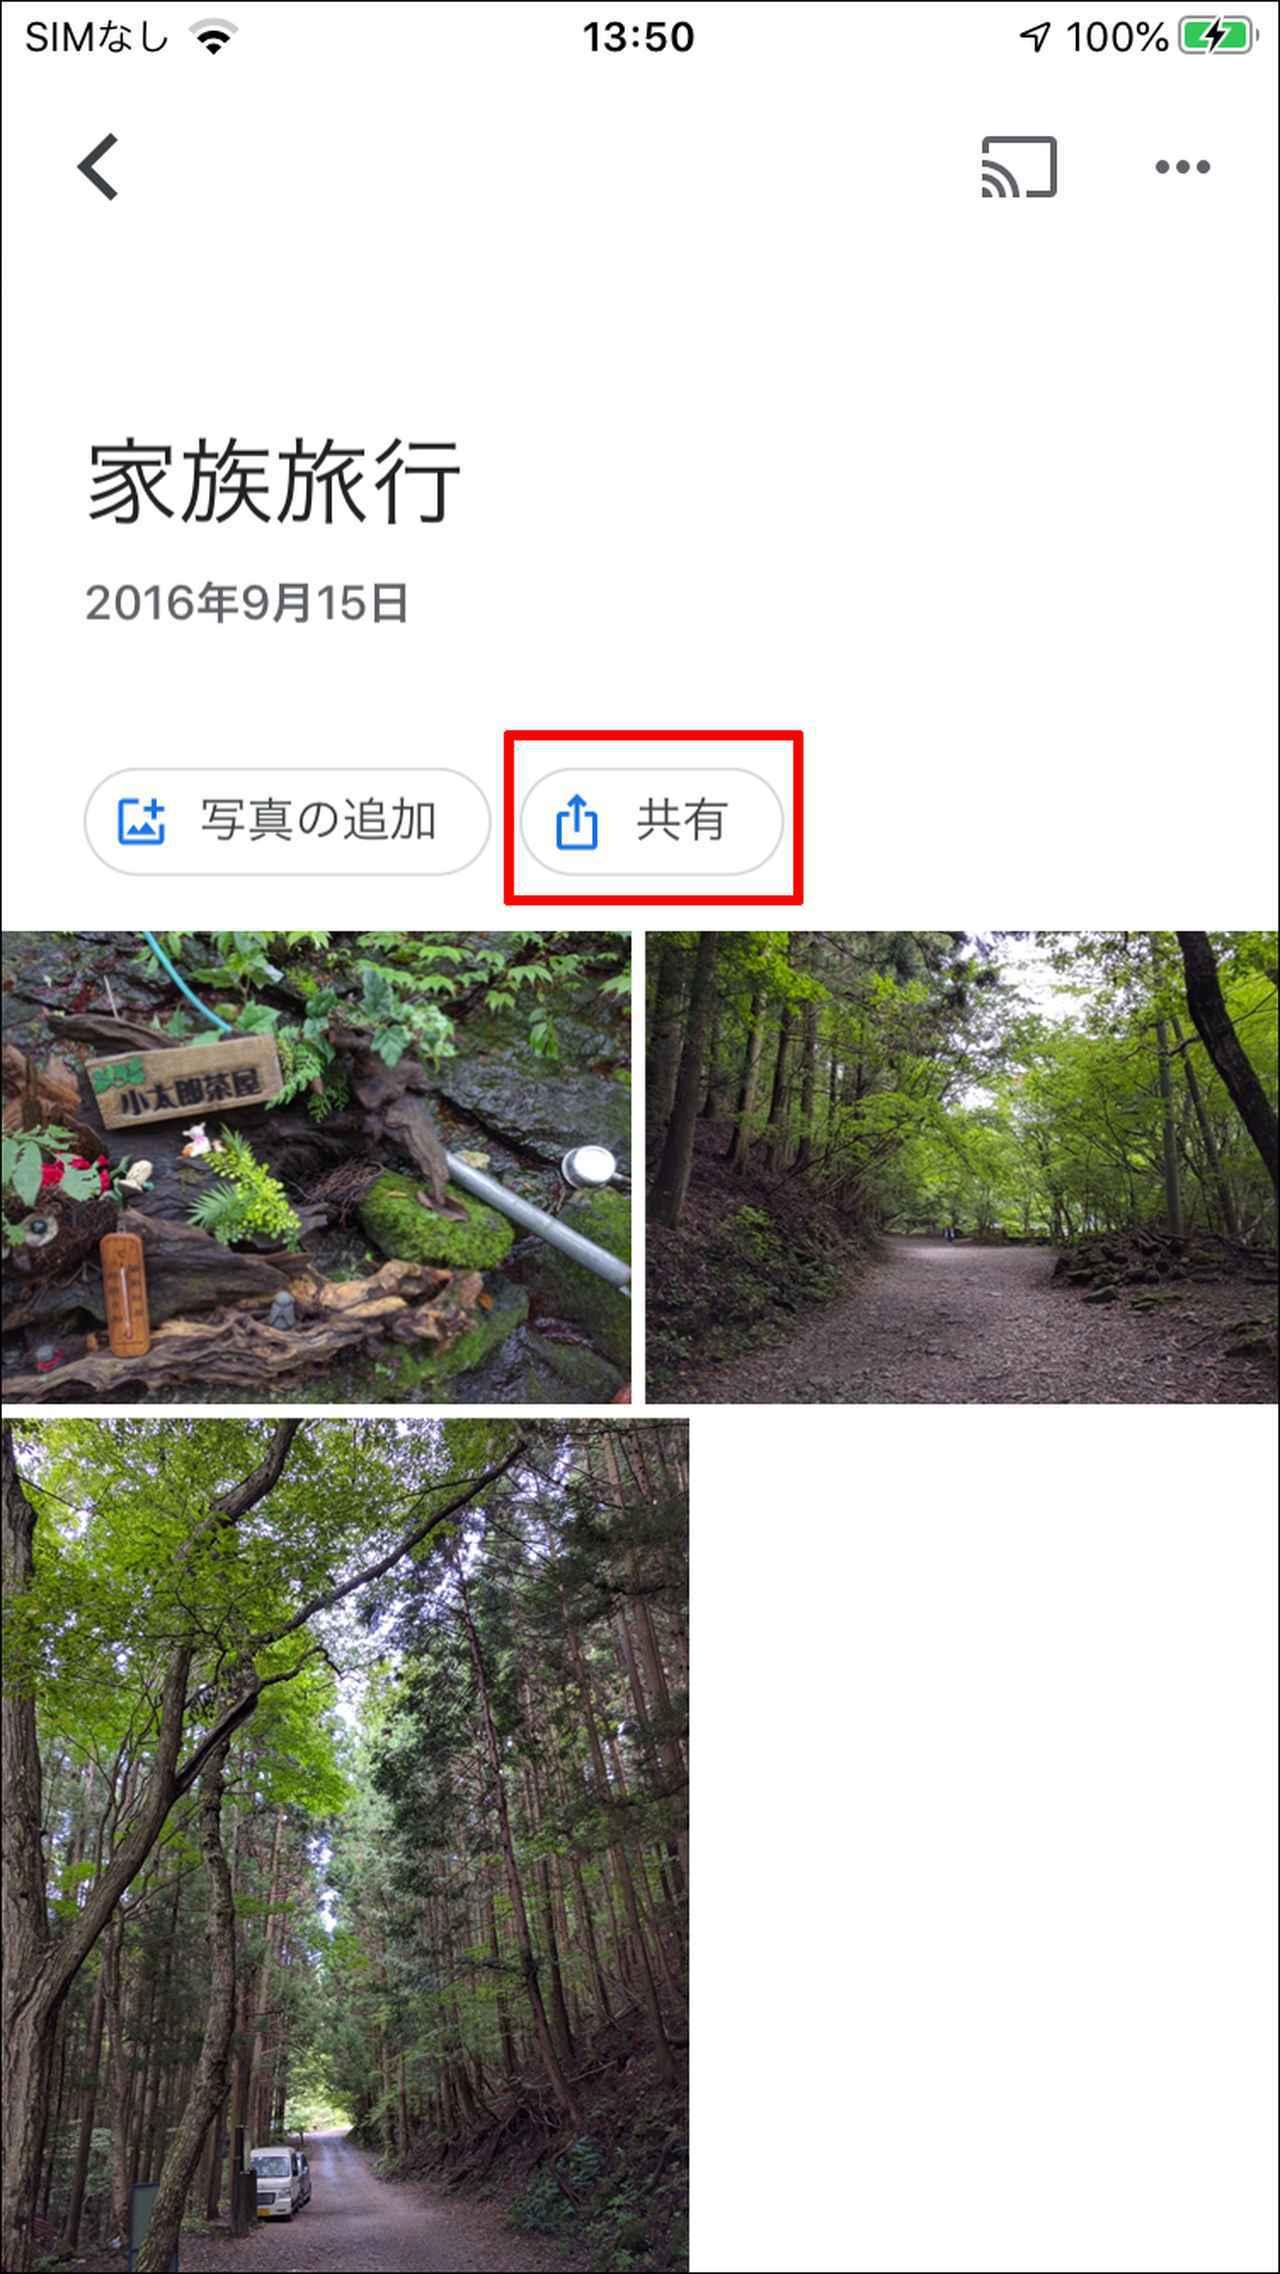 画像8: 【Googleフォト】有料化後にとるべき3つの選択肢とは?2021年5月末で無料の高画質・容量無制限バックアップが廃止